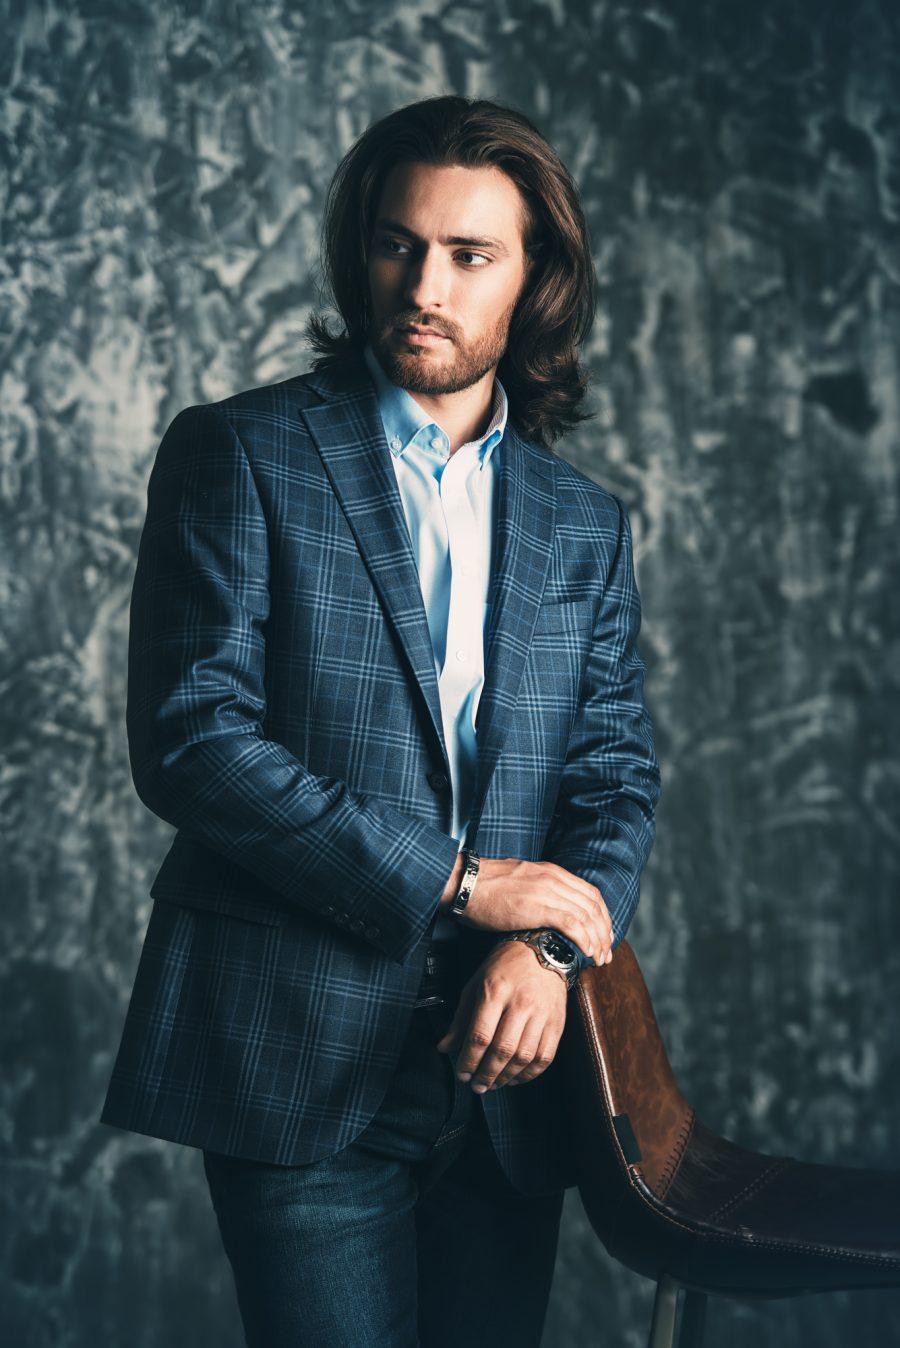 Dapper Male Model Check Suit Jacket